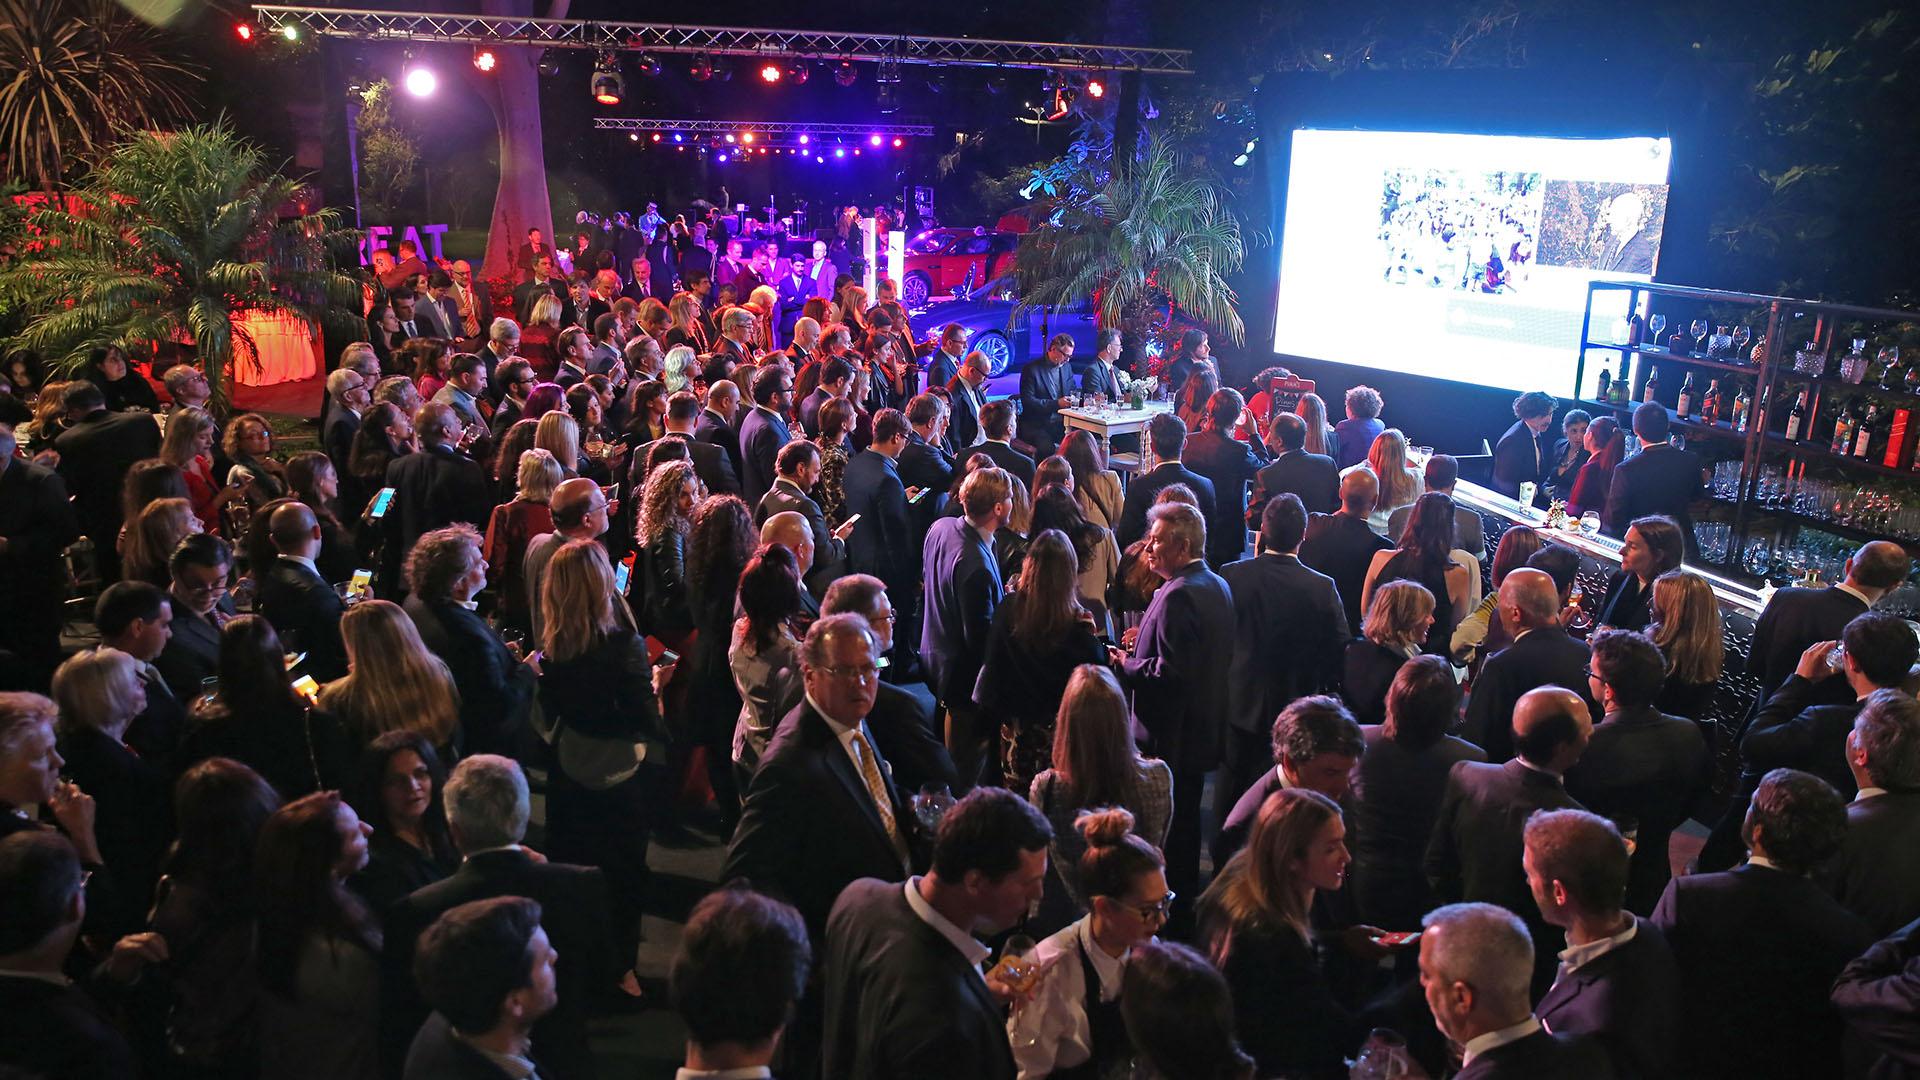 Durante el evento, los asistentes pudieron disfrutar de un número de piezas musicales ejecutadas por la banda del Ejército de Salvación y de una selección de música británica a cargo del DJ Maxi Martina, que conduce The Selector, el programa de radio semanal del British Council. Asimismo, pudieron escuchar a Jenny Moule, una cantante británica que vive en Buenos Aires